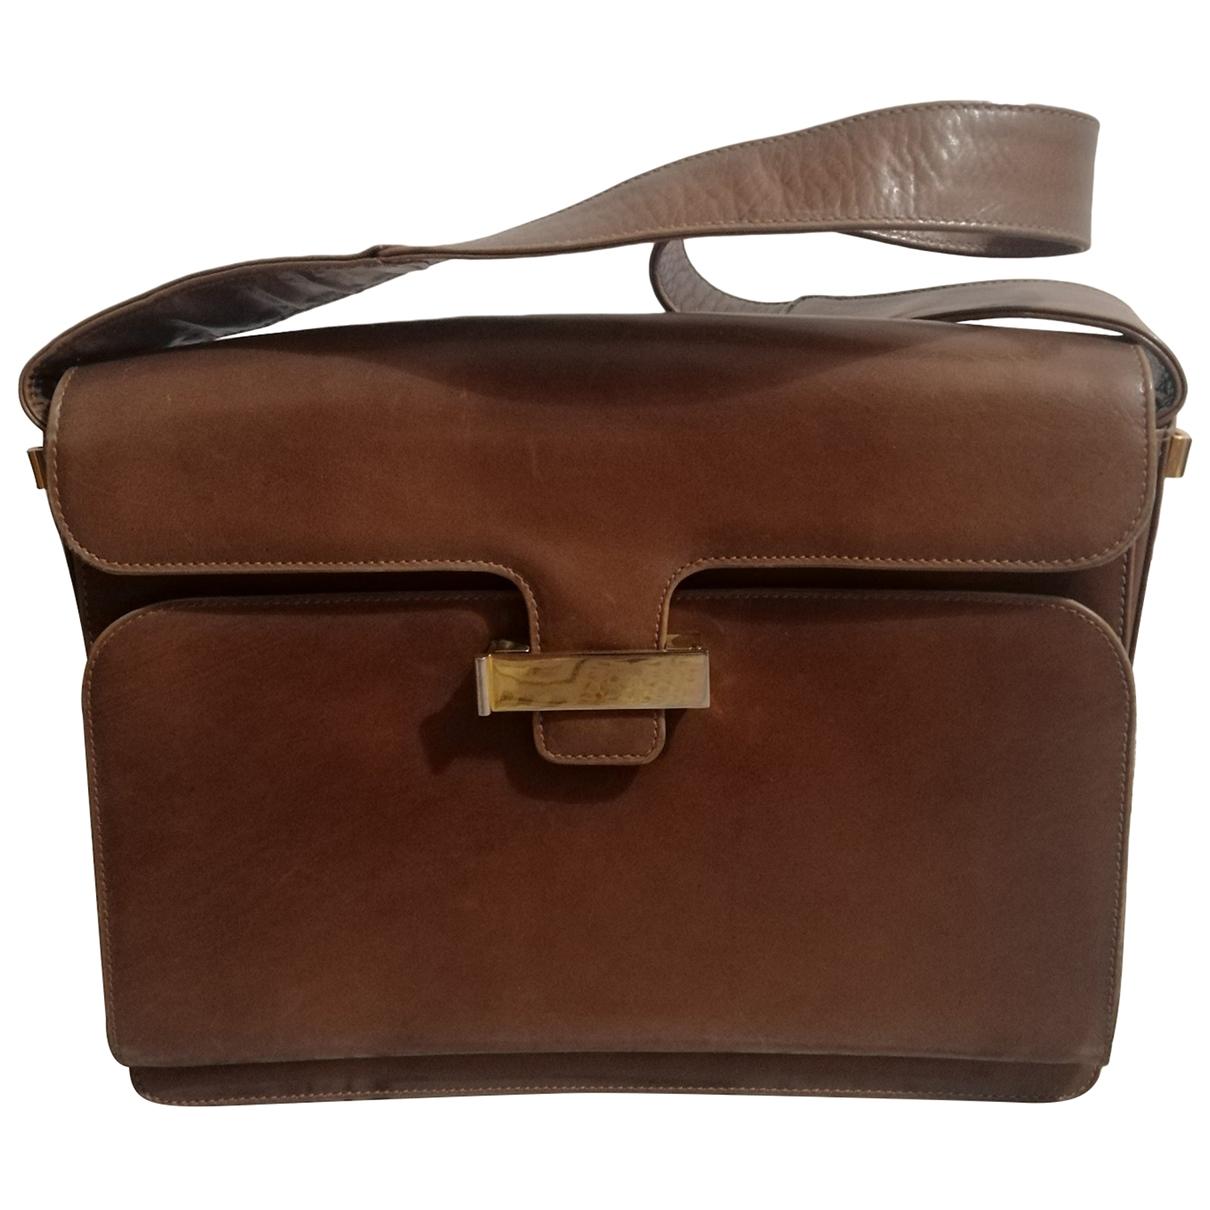 Salvatore Ferragamo \N Handtasche in  Beige Leder